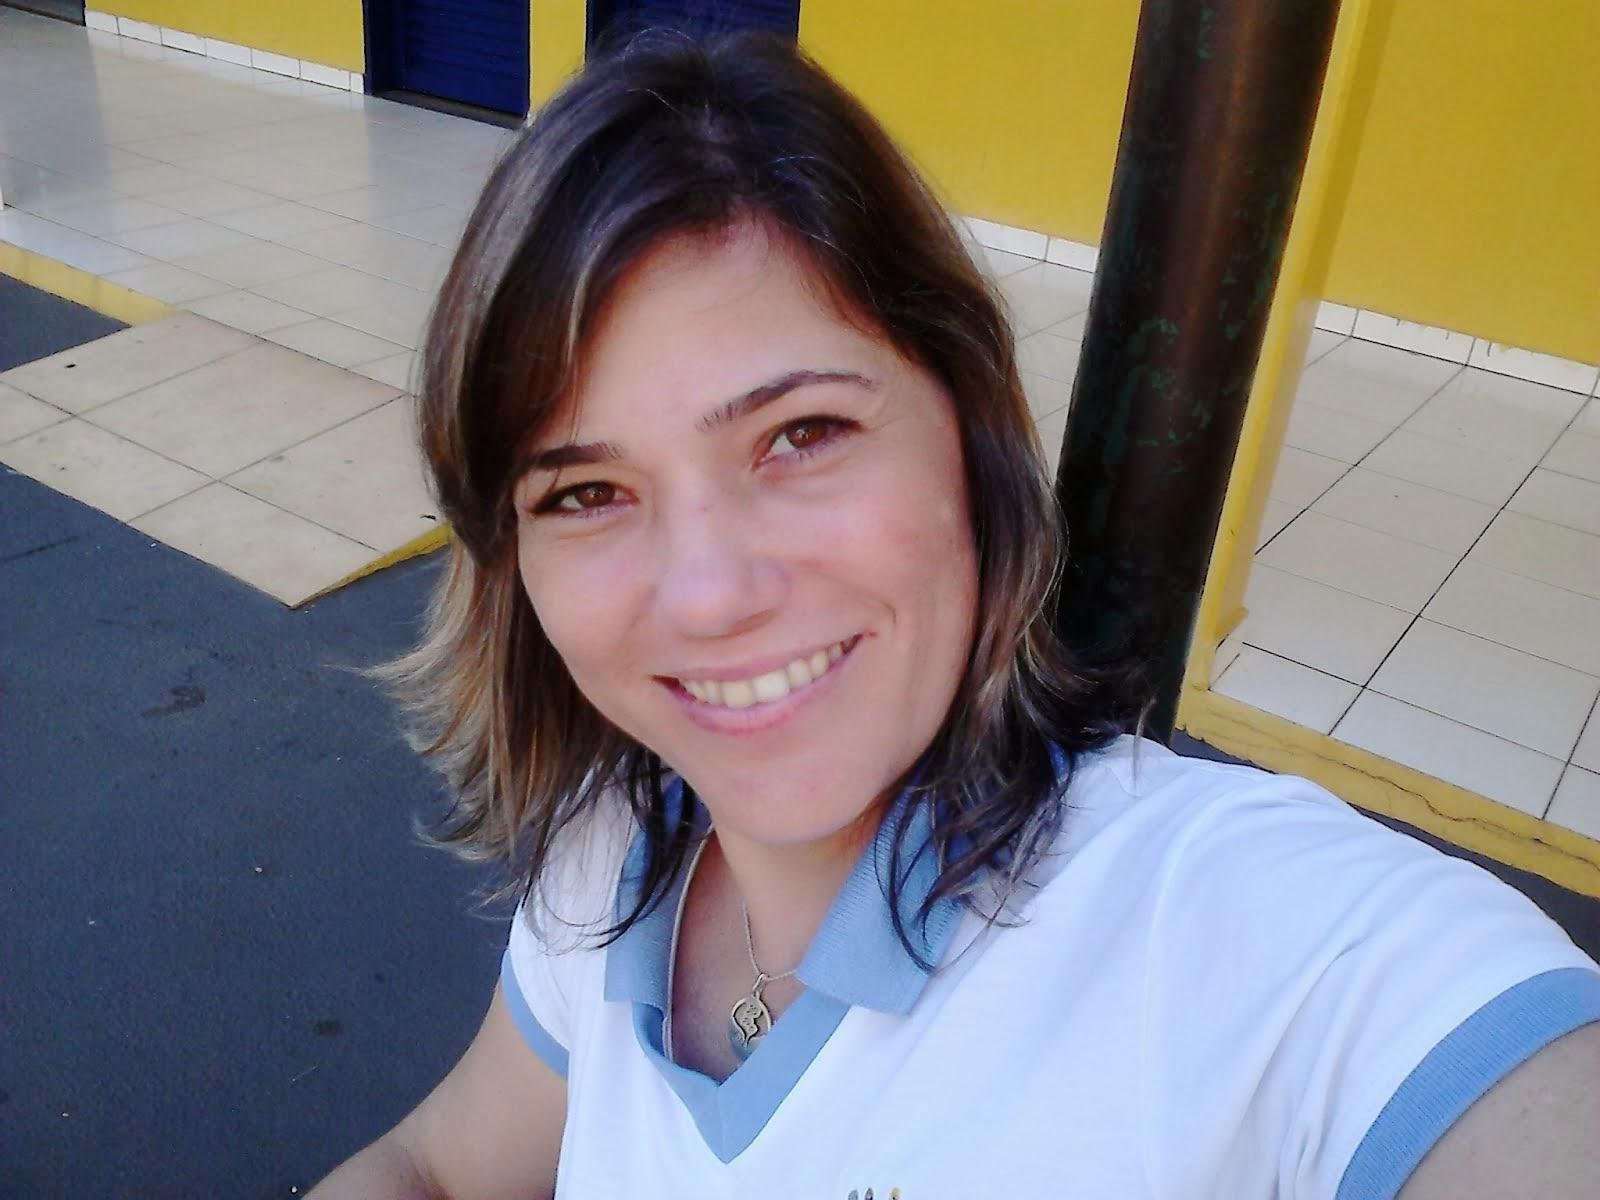 Carla Aparecida de Mattos Lima